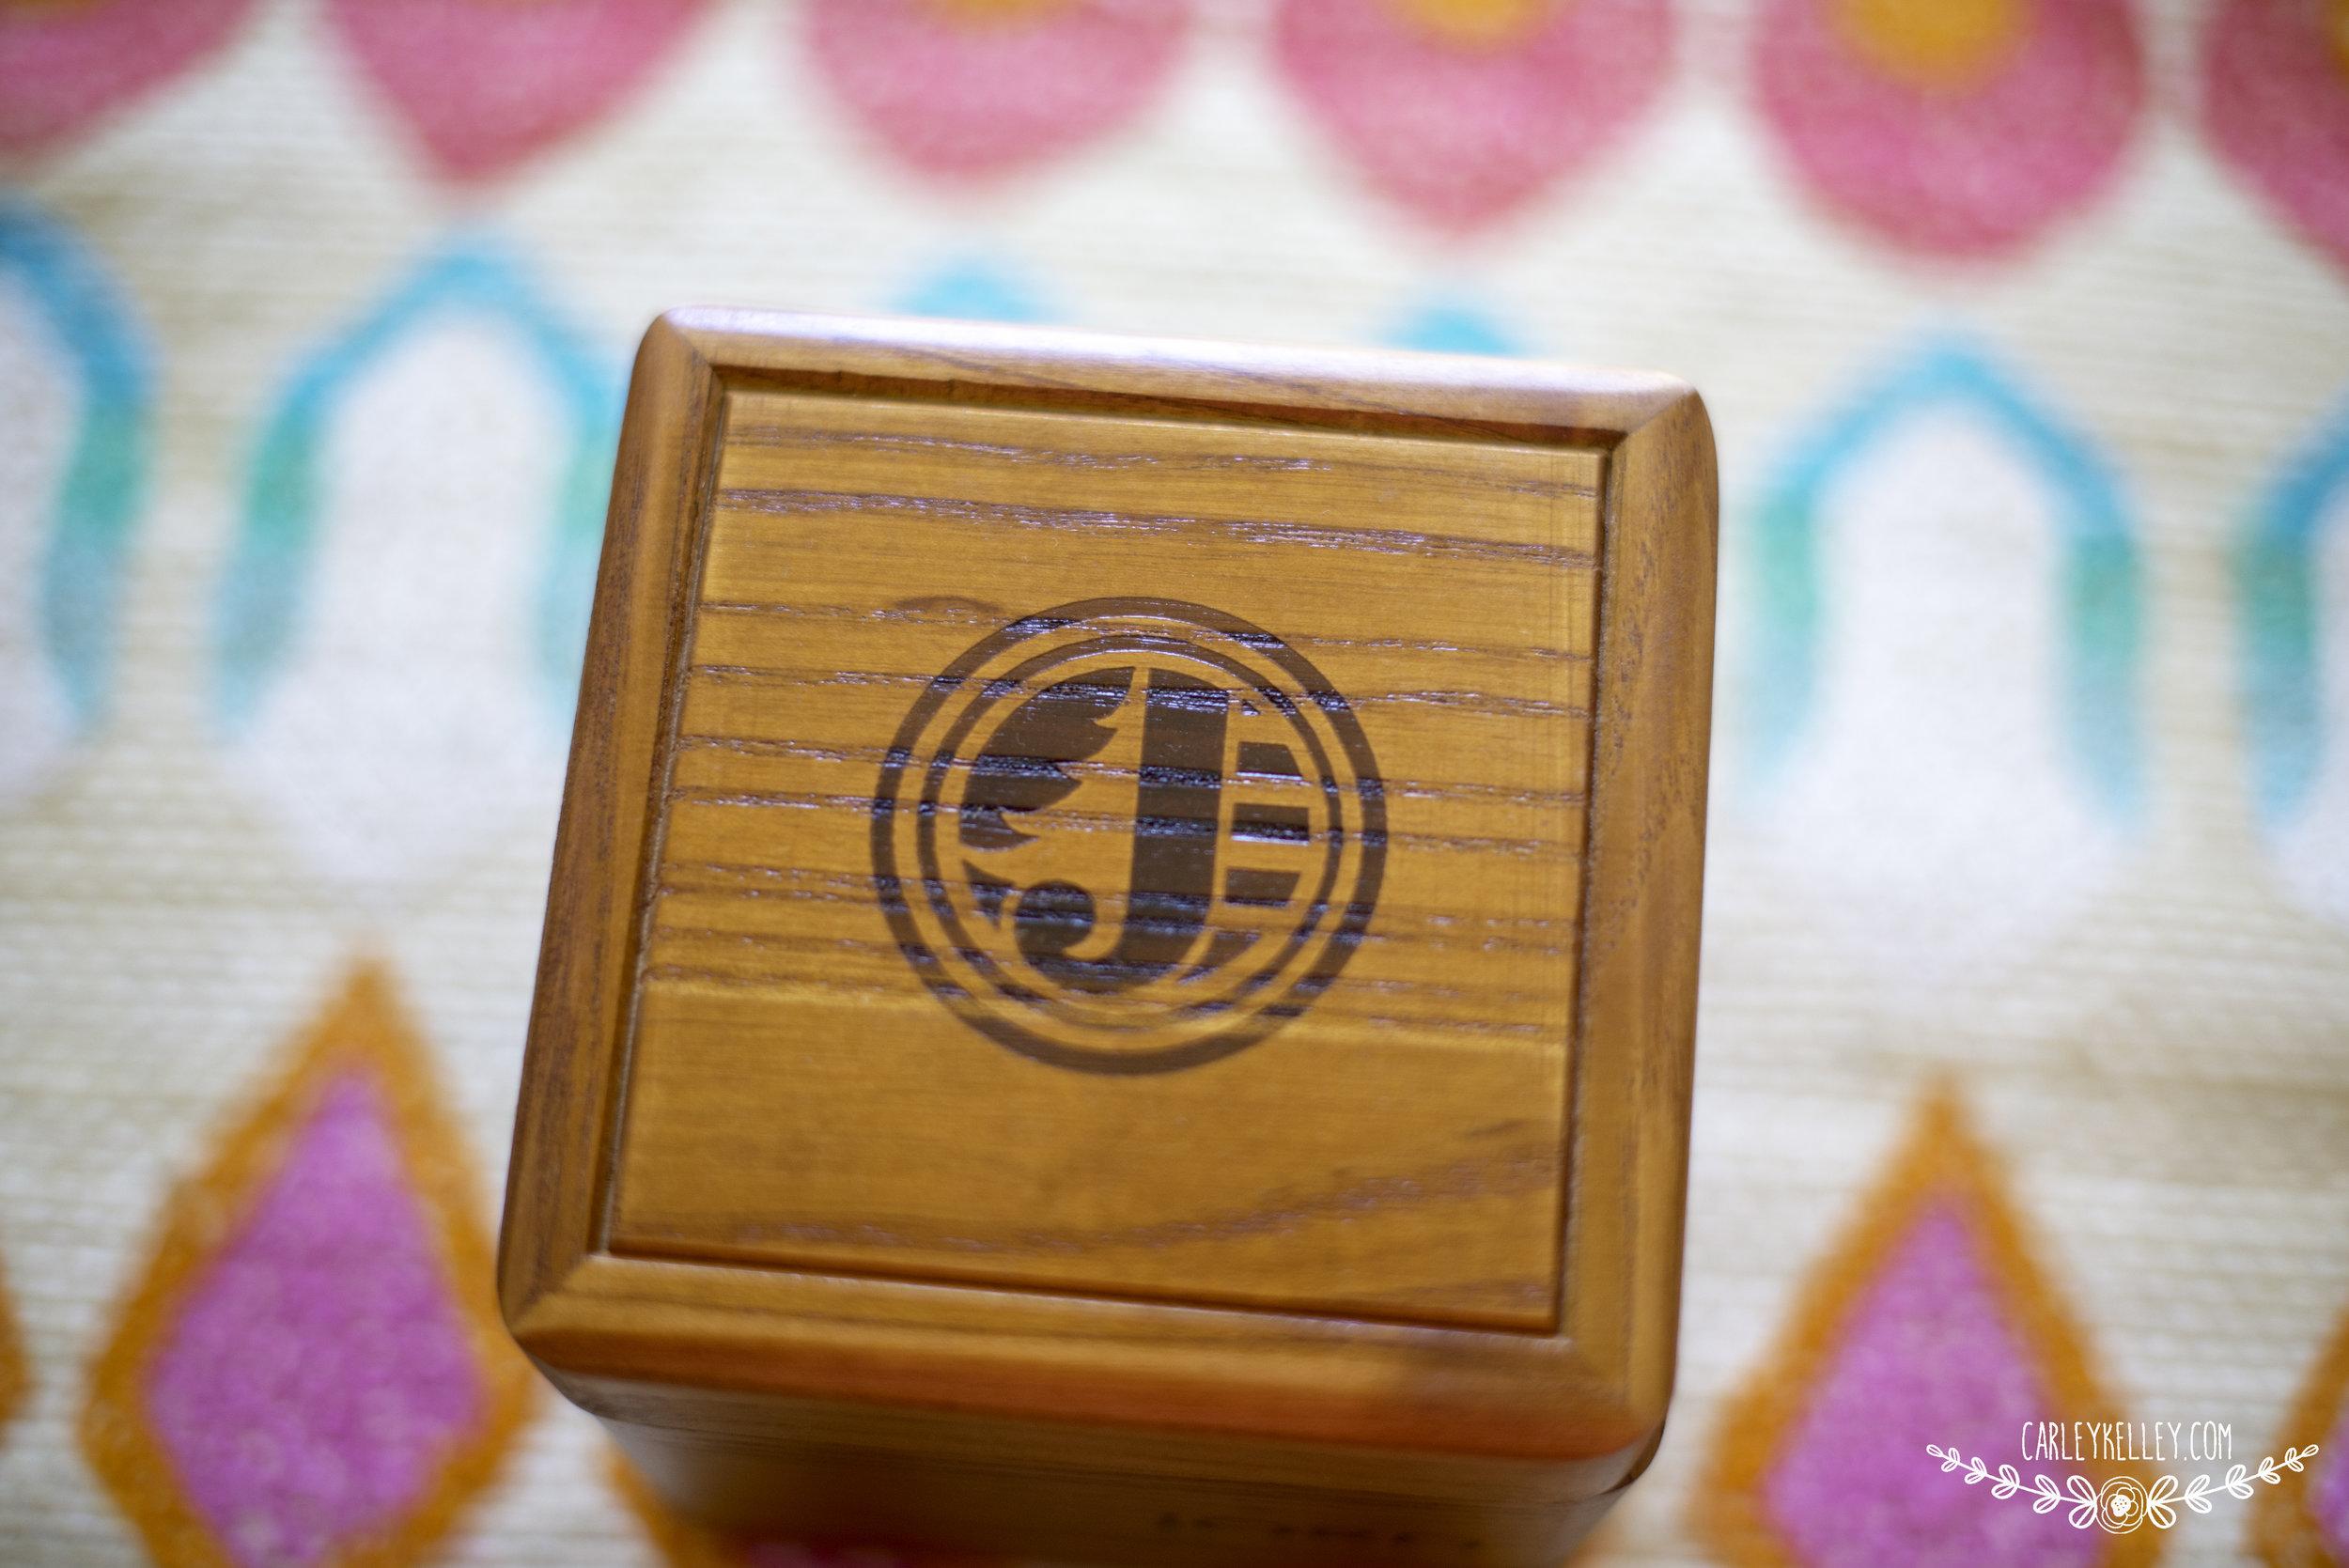 Beautiful Jord Wooden Watch @ www.carleykelley.com